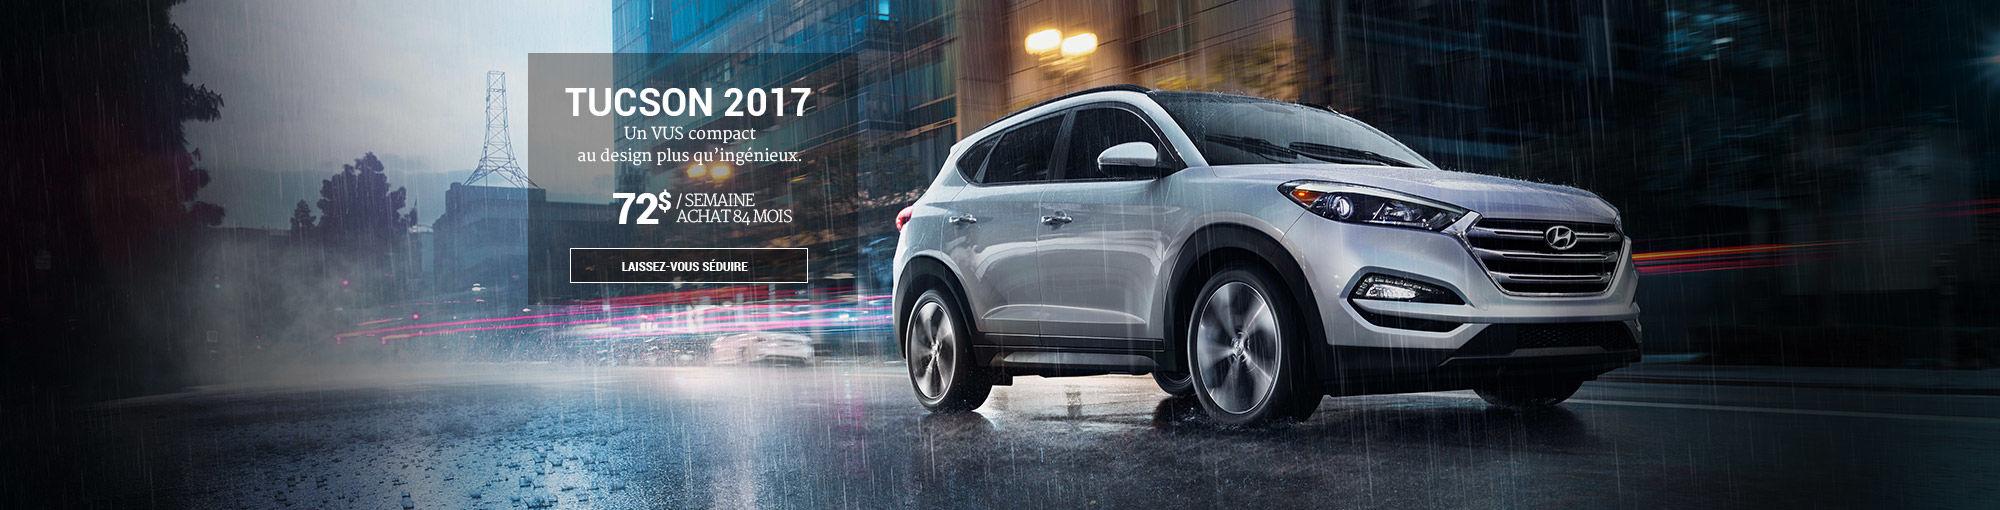 Hyundai Tucson 2017 sept header